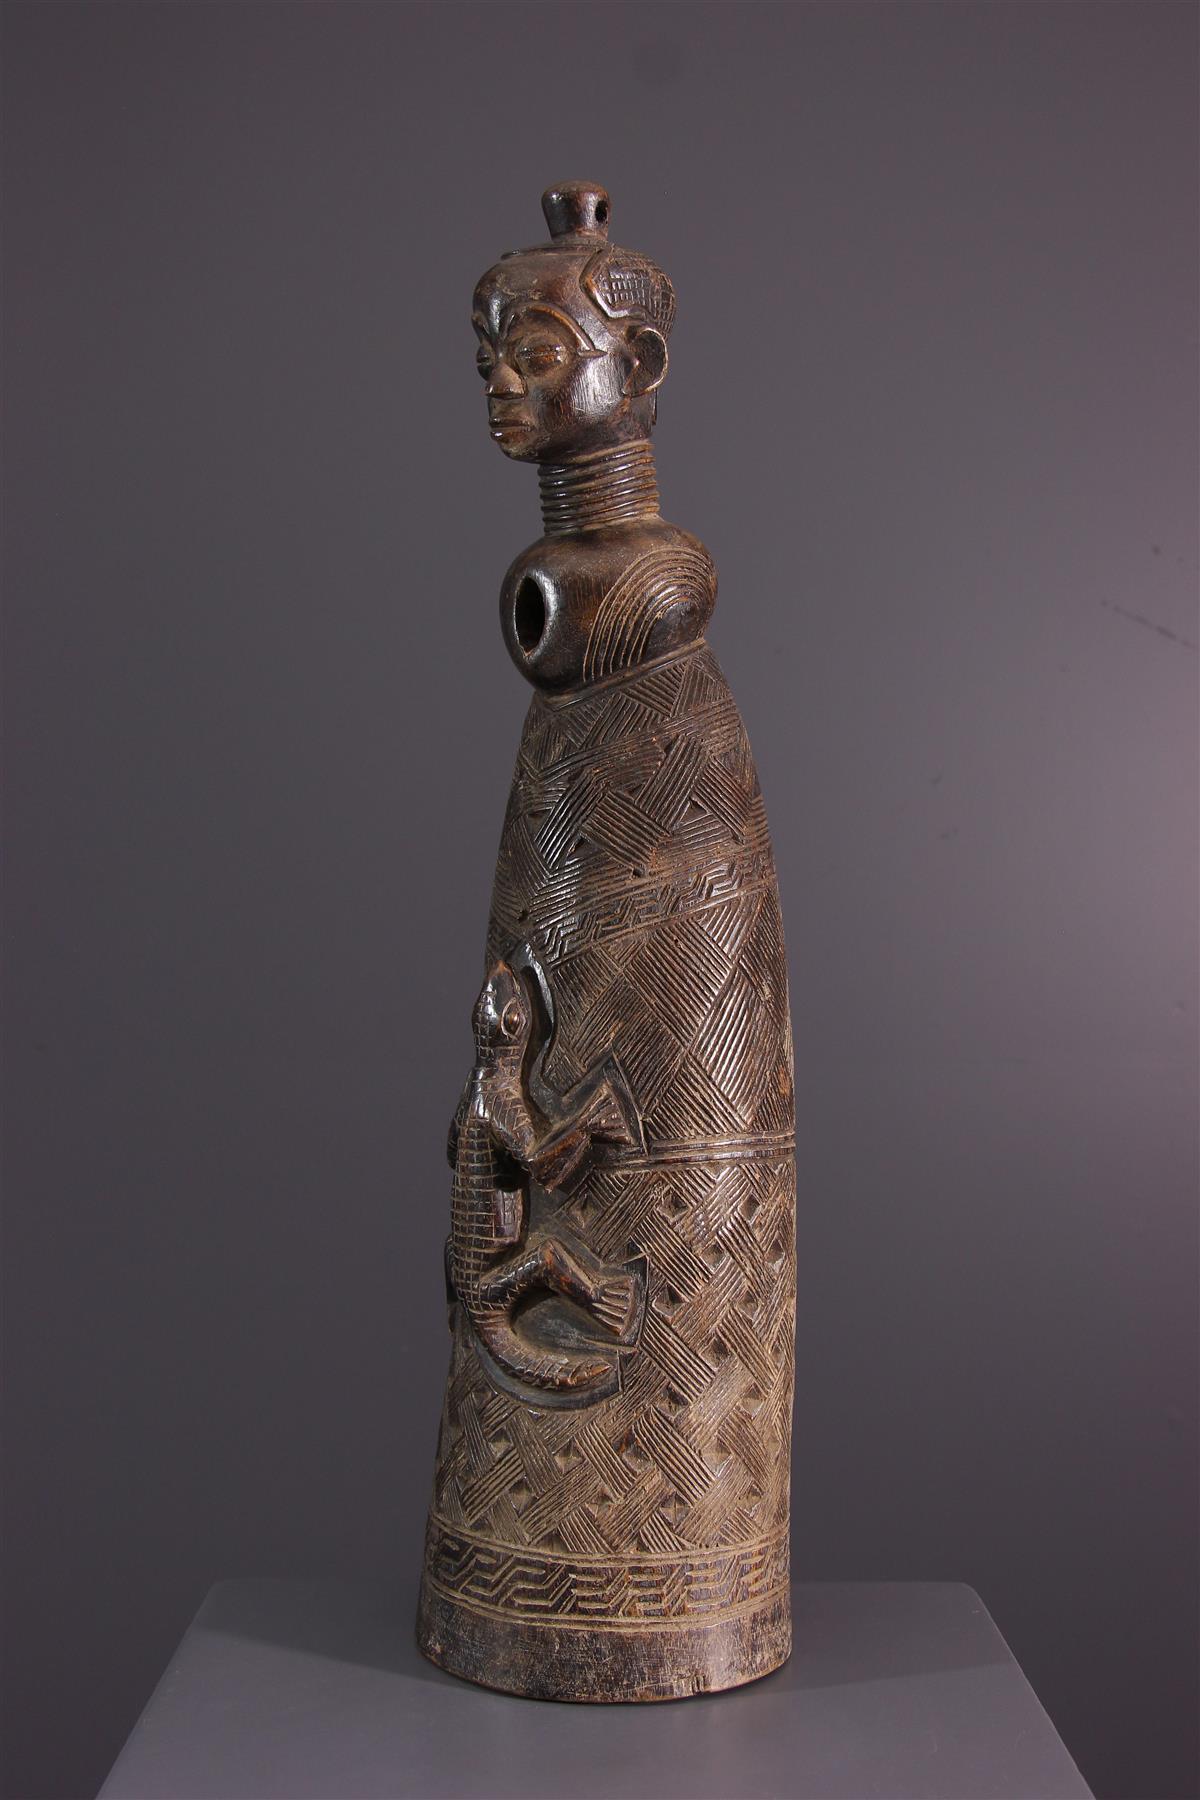 Kuba horn - African art